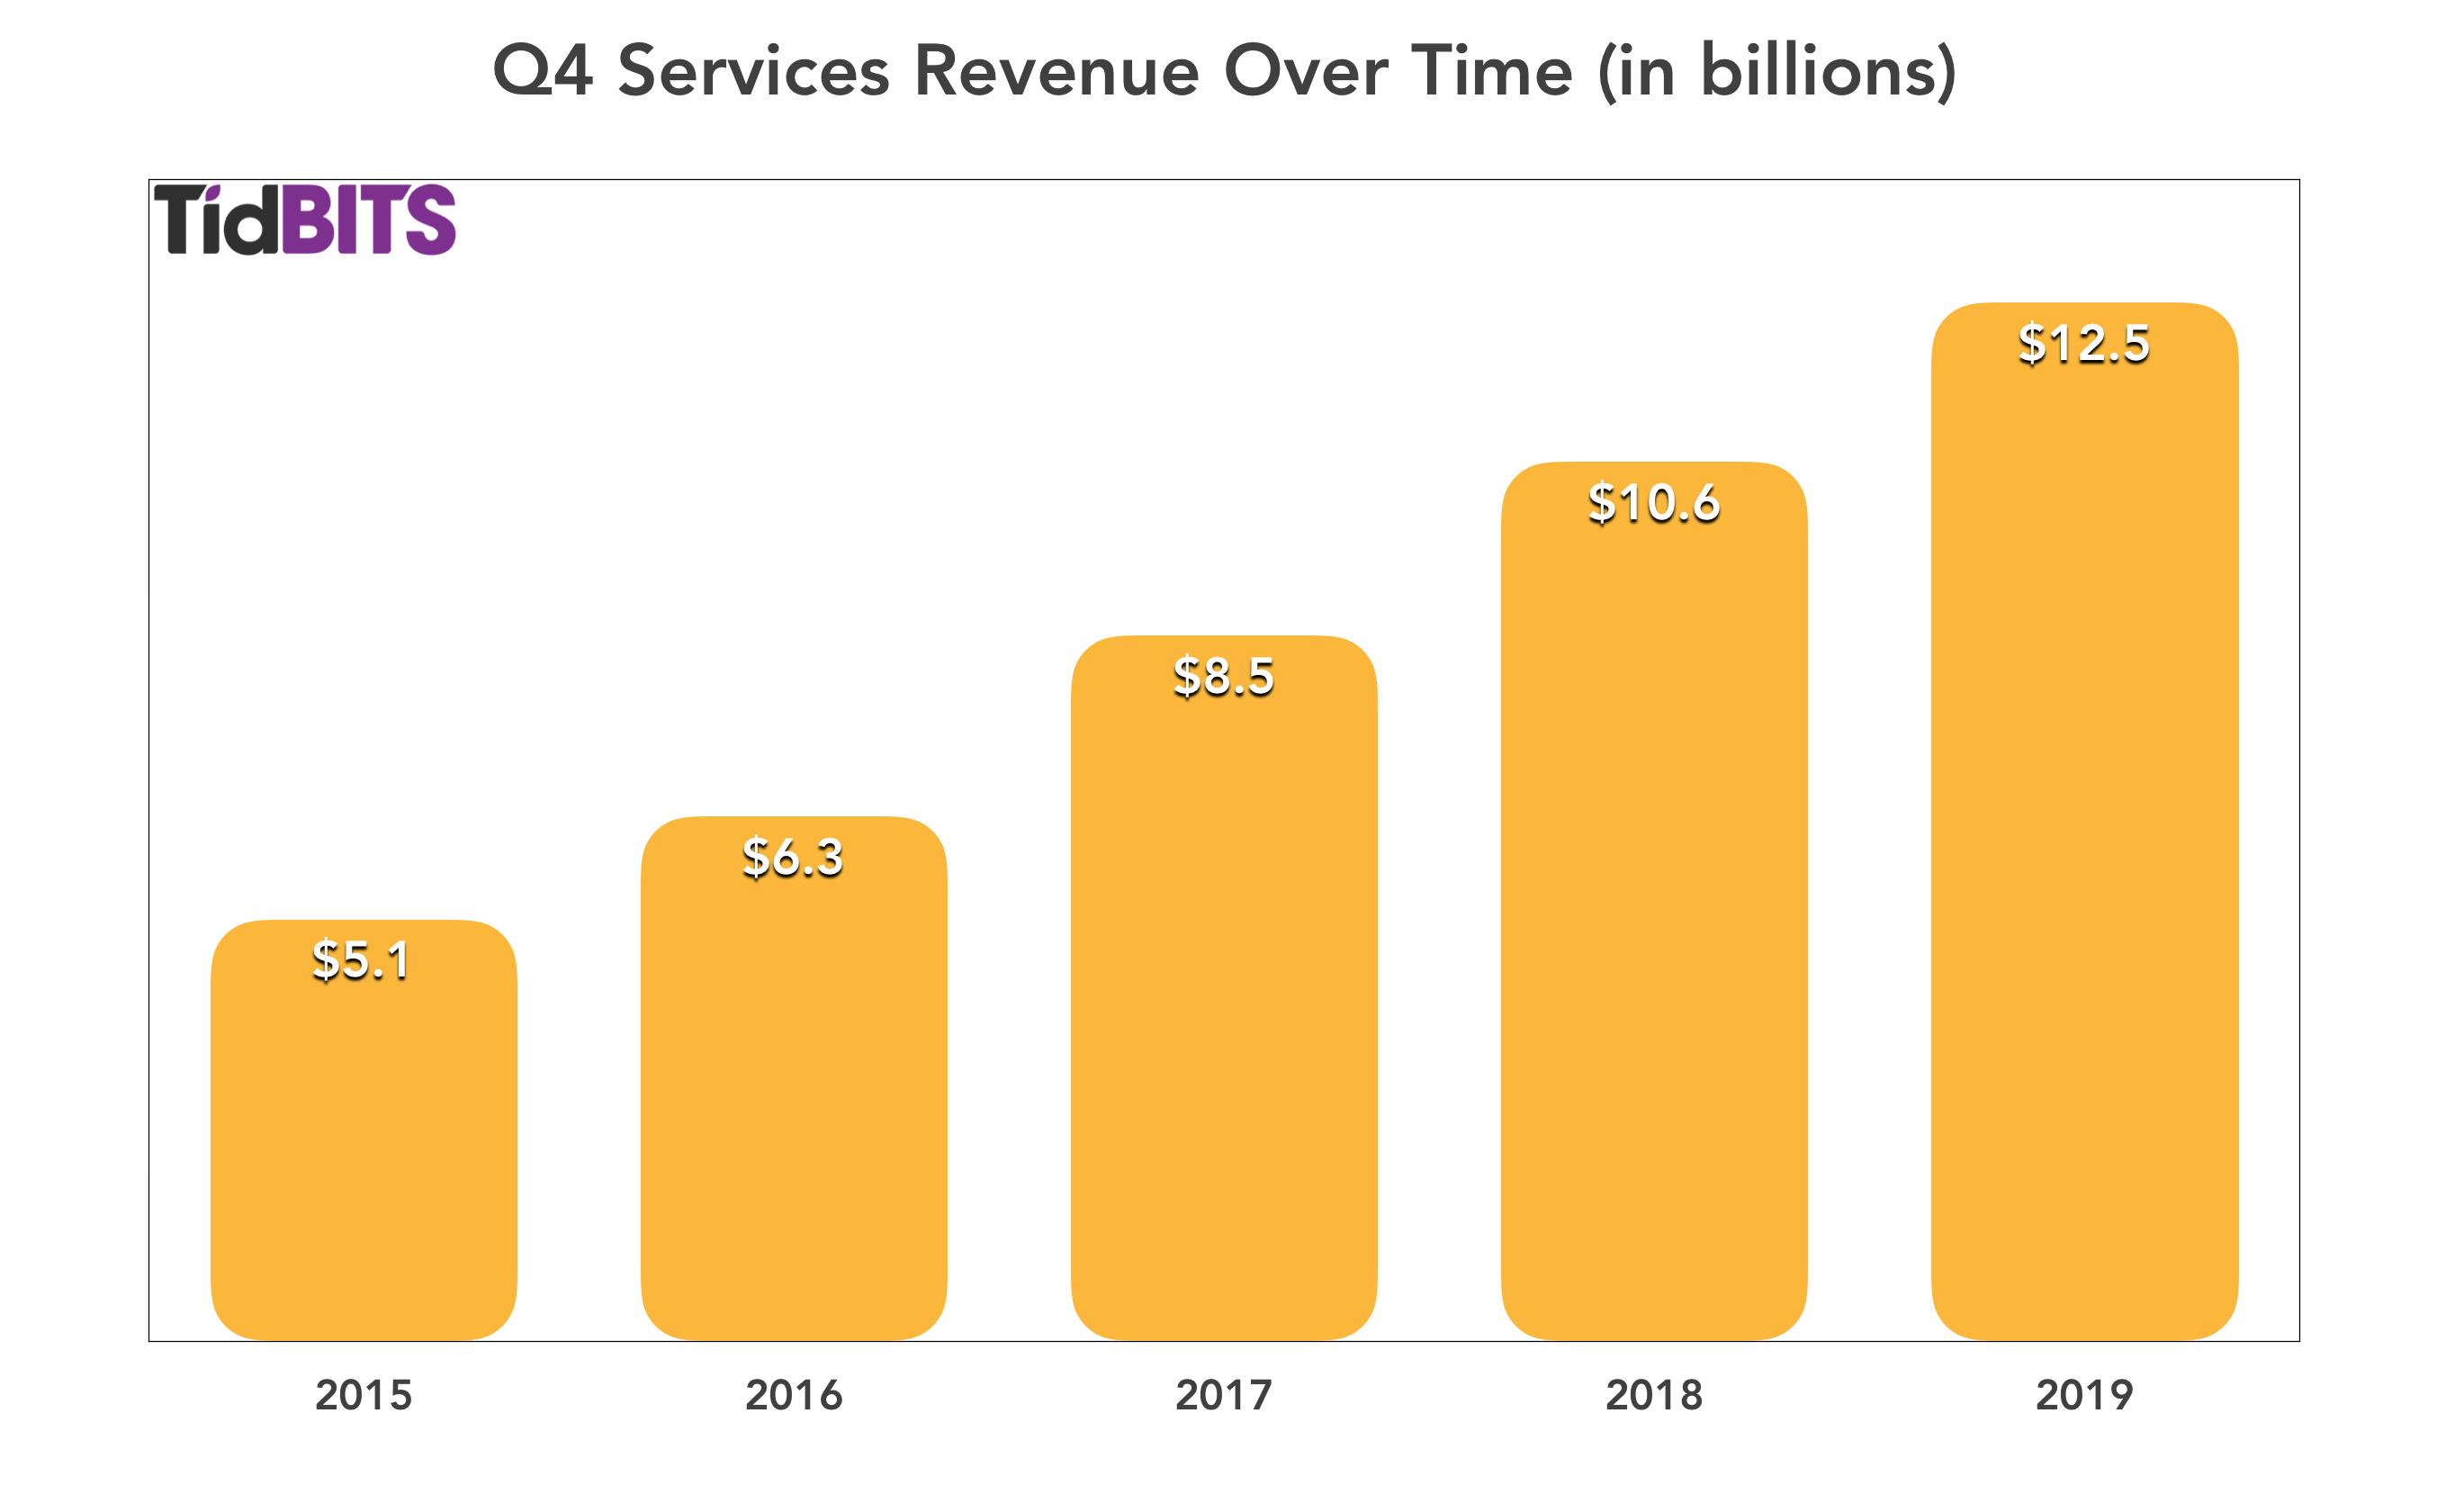 Apples Diensten-omzet in het vierde kwartaal 2019